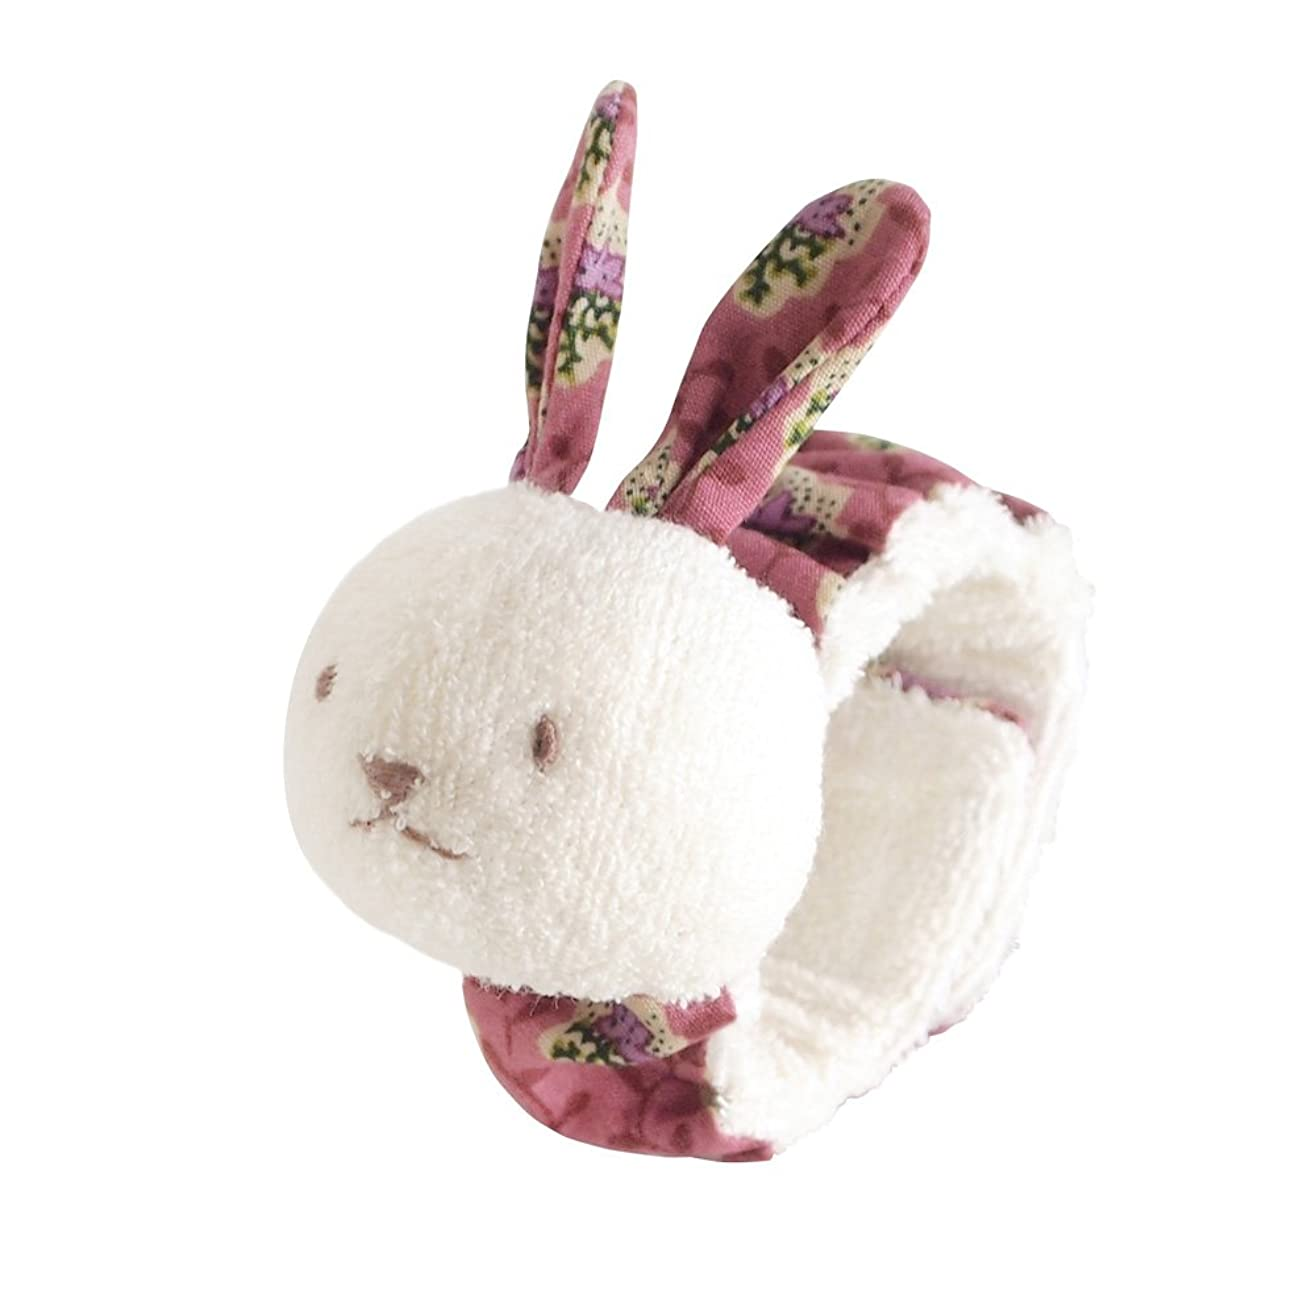 ラジウム第五実験ミッフィーぬいぐるみ - 赤ちゃんから子供までギュッとしたくなる可愛いウサギのぬいぐるみ - 公式ディックブルーナ (グリーン, 25cm)